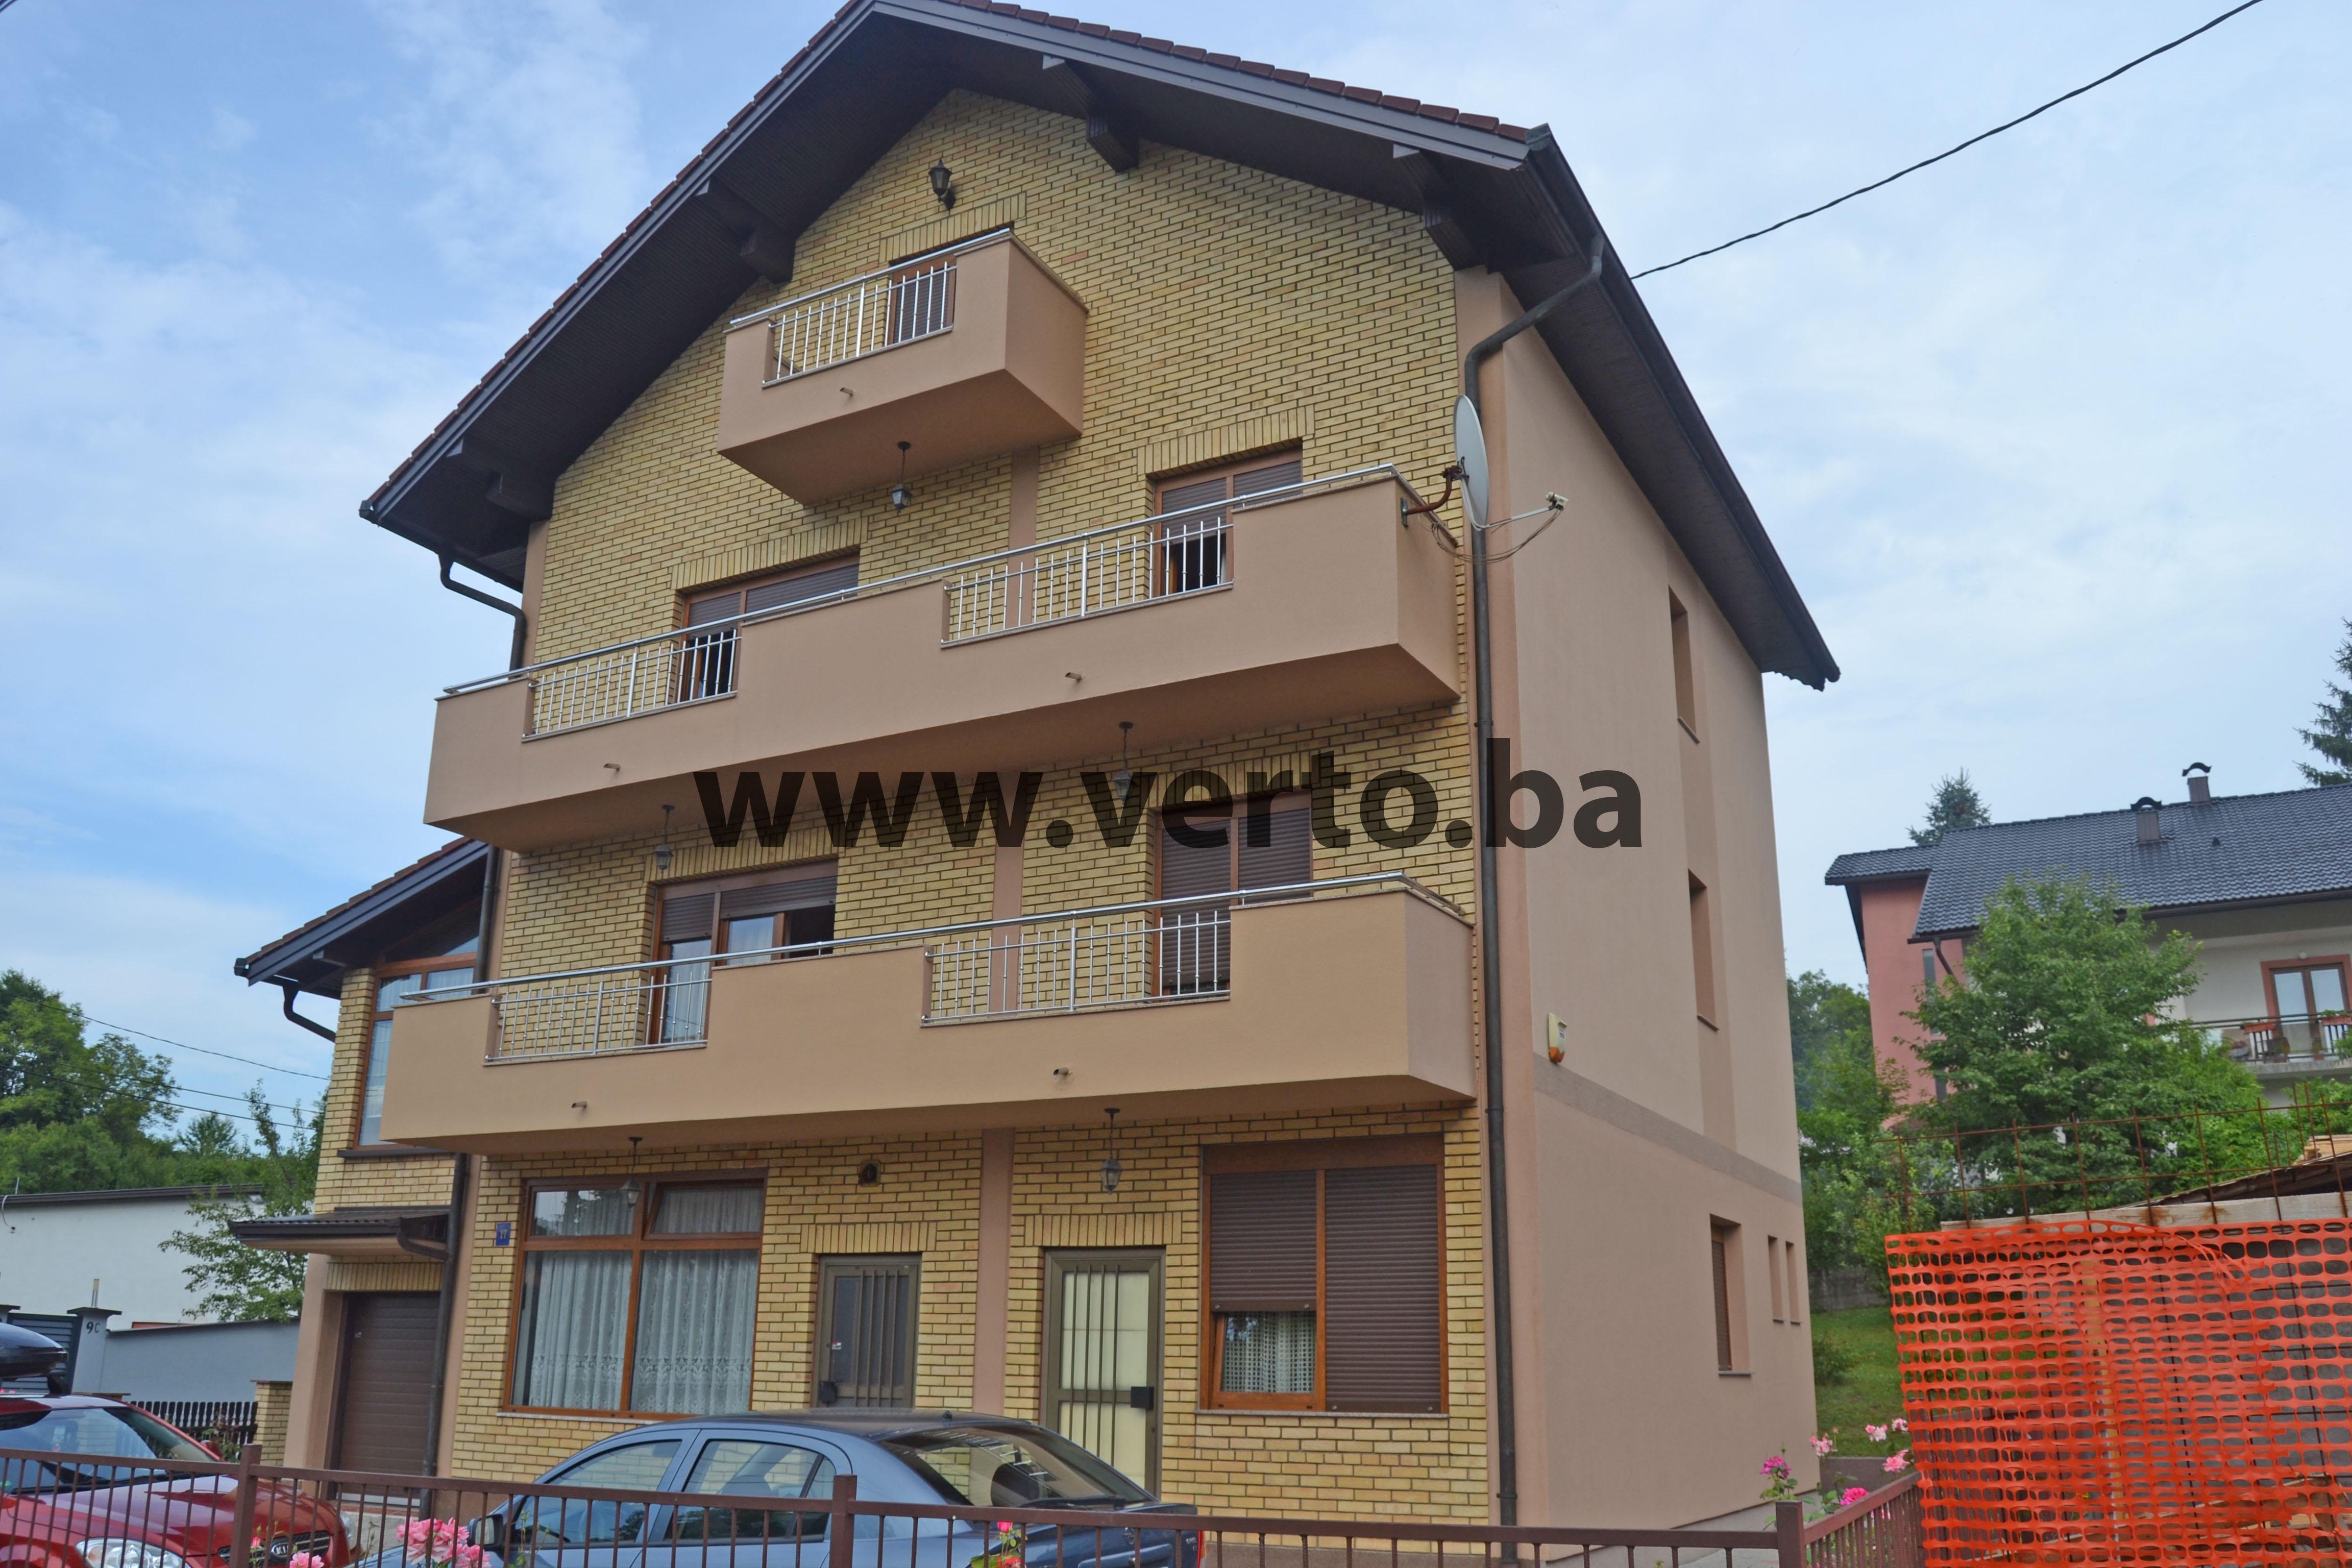 Prodaje se kuća, površine 336 m2, izgrađena na parceli od 492 m2, na mirnoj lokaciji u naselju Ši Selo, Tuzla